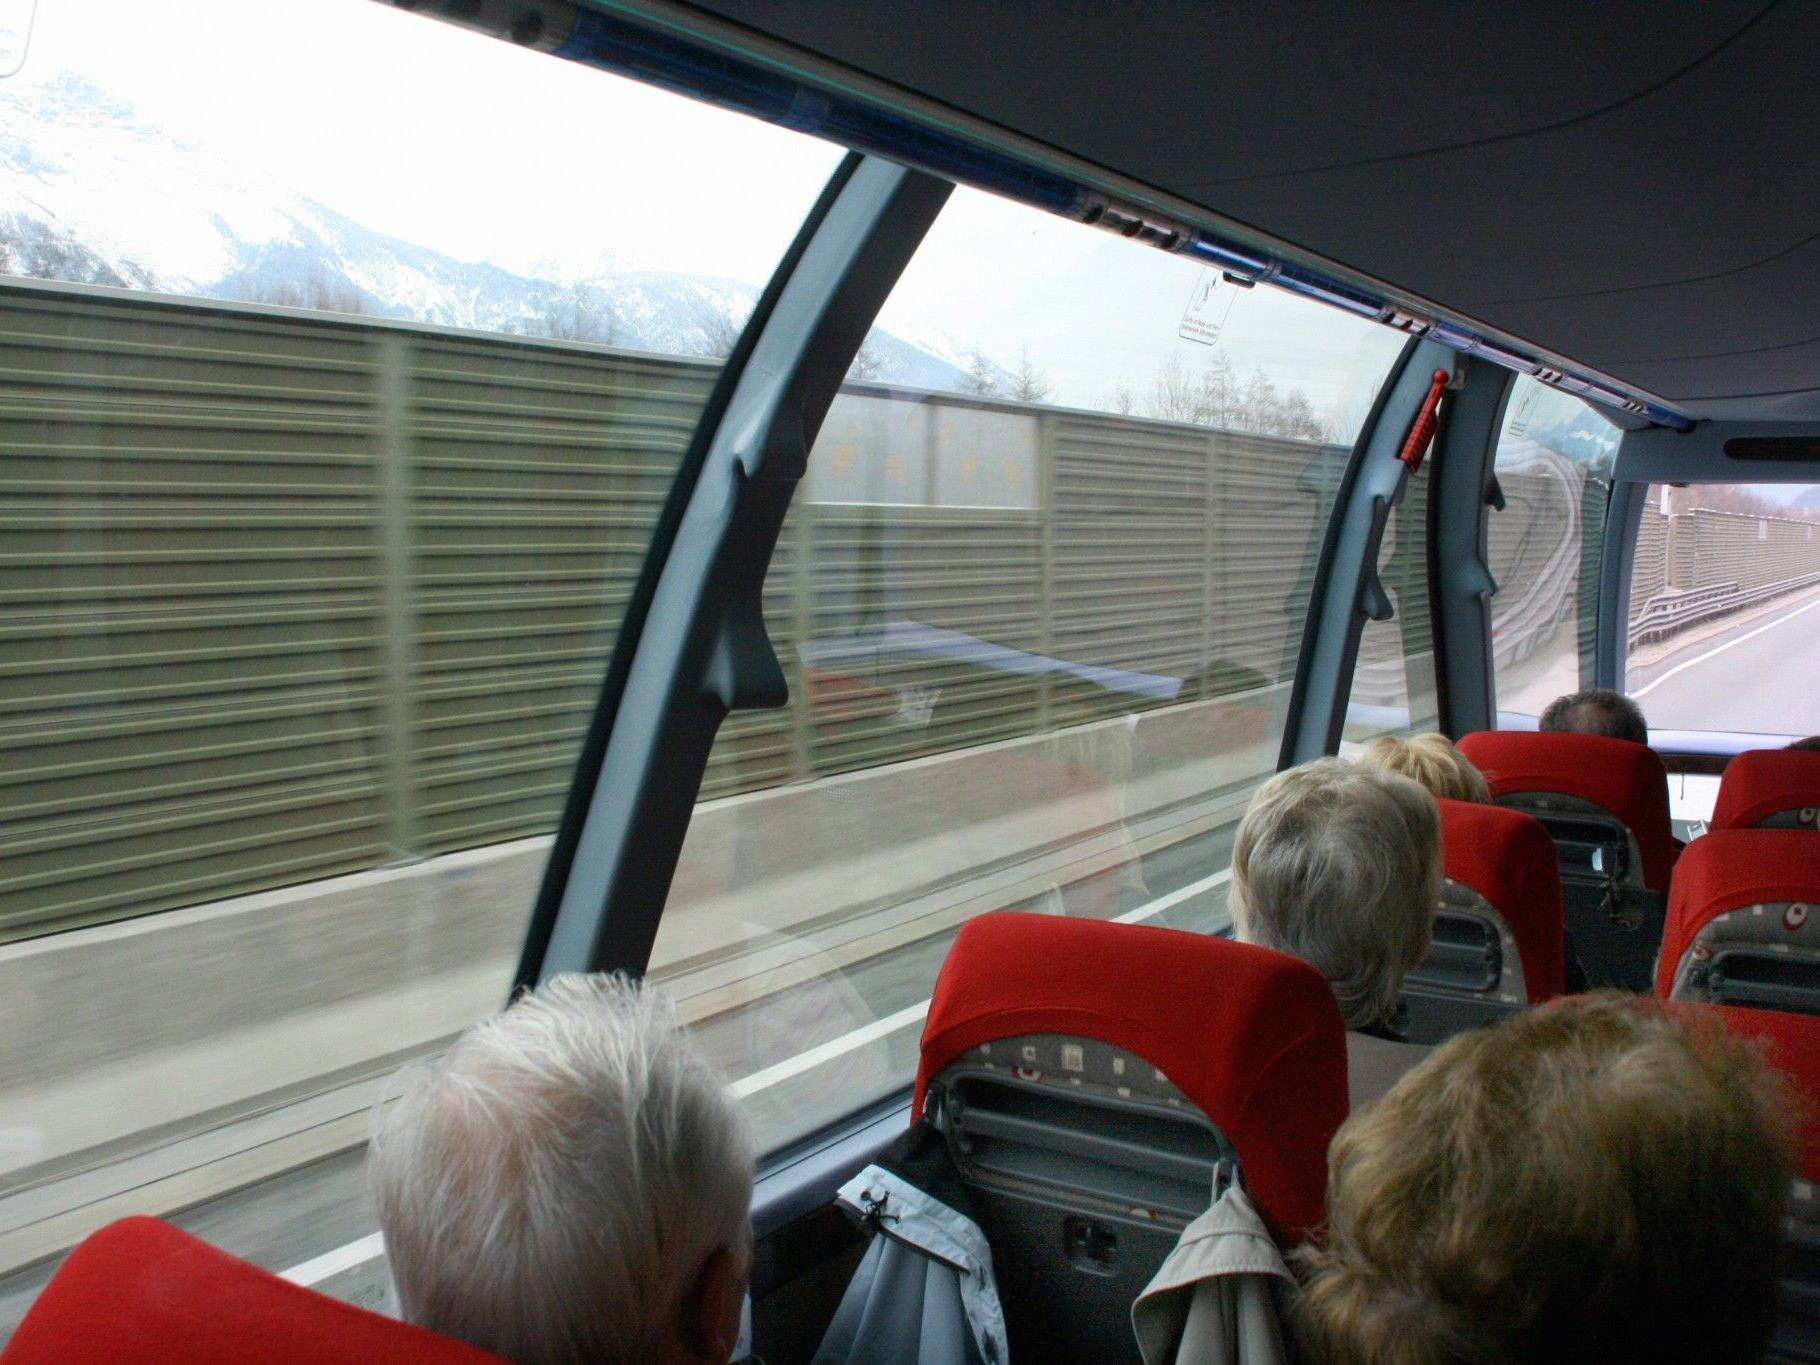 In einem Reisebus nach Kroatien wurde der Busfahrer tätlich angegriffen